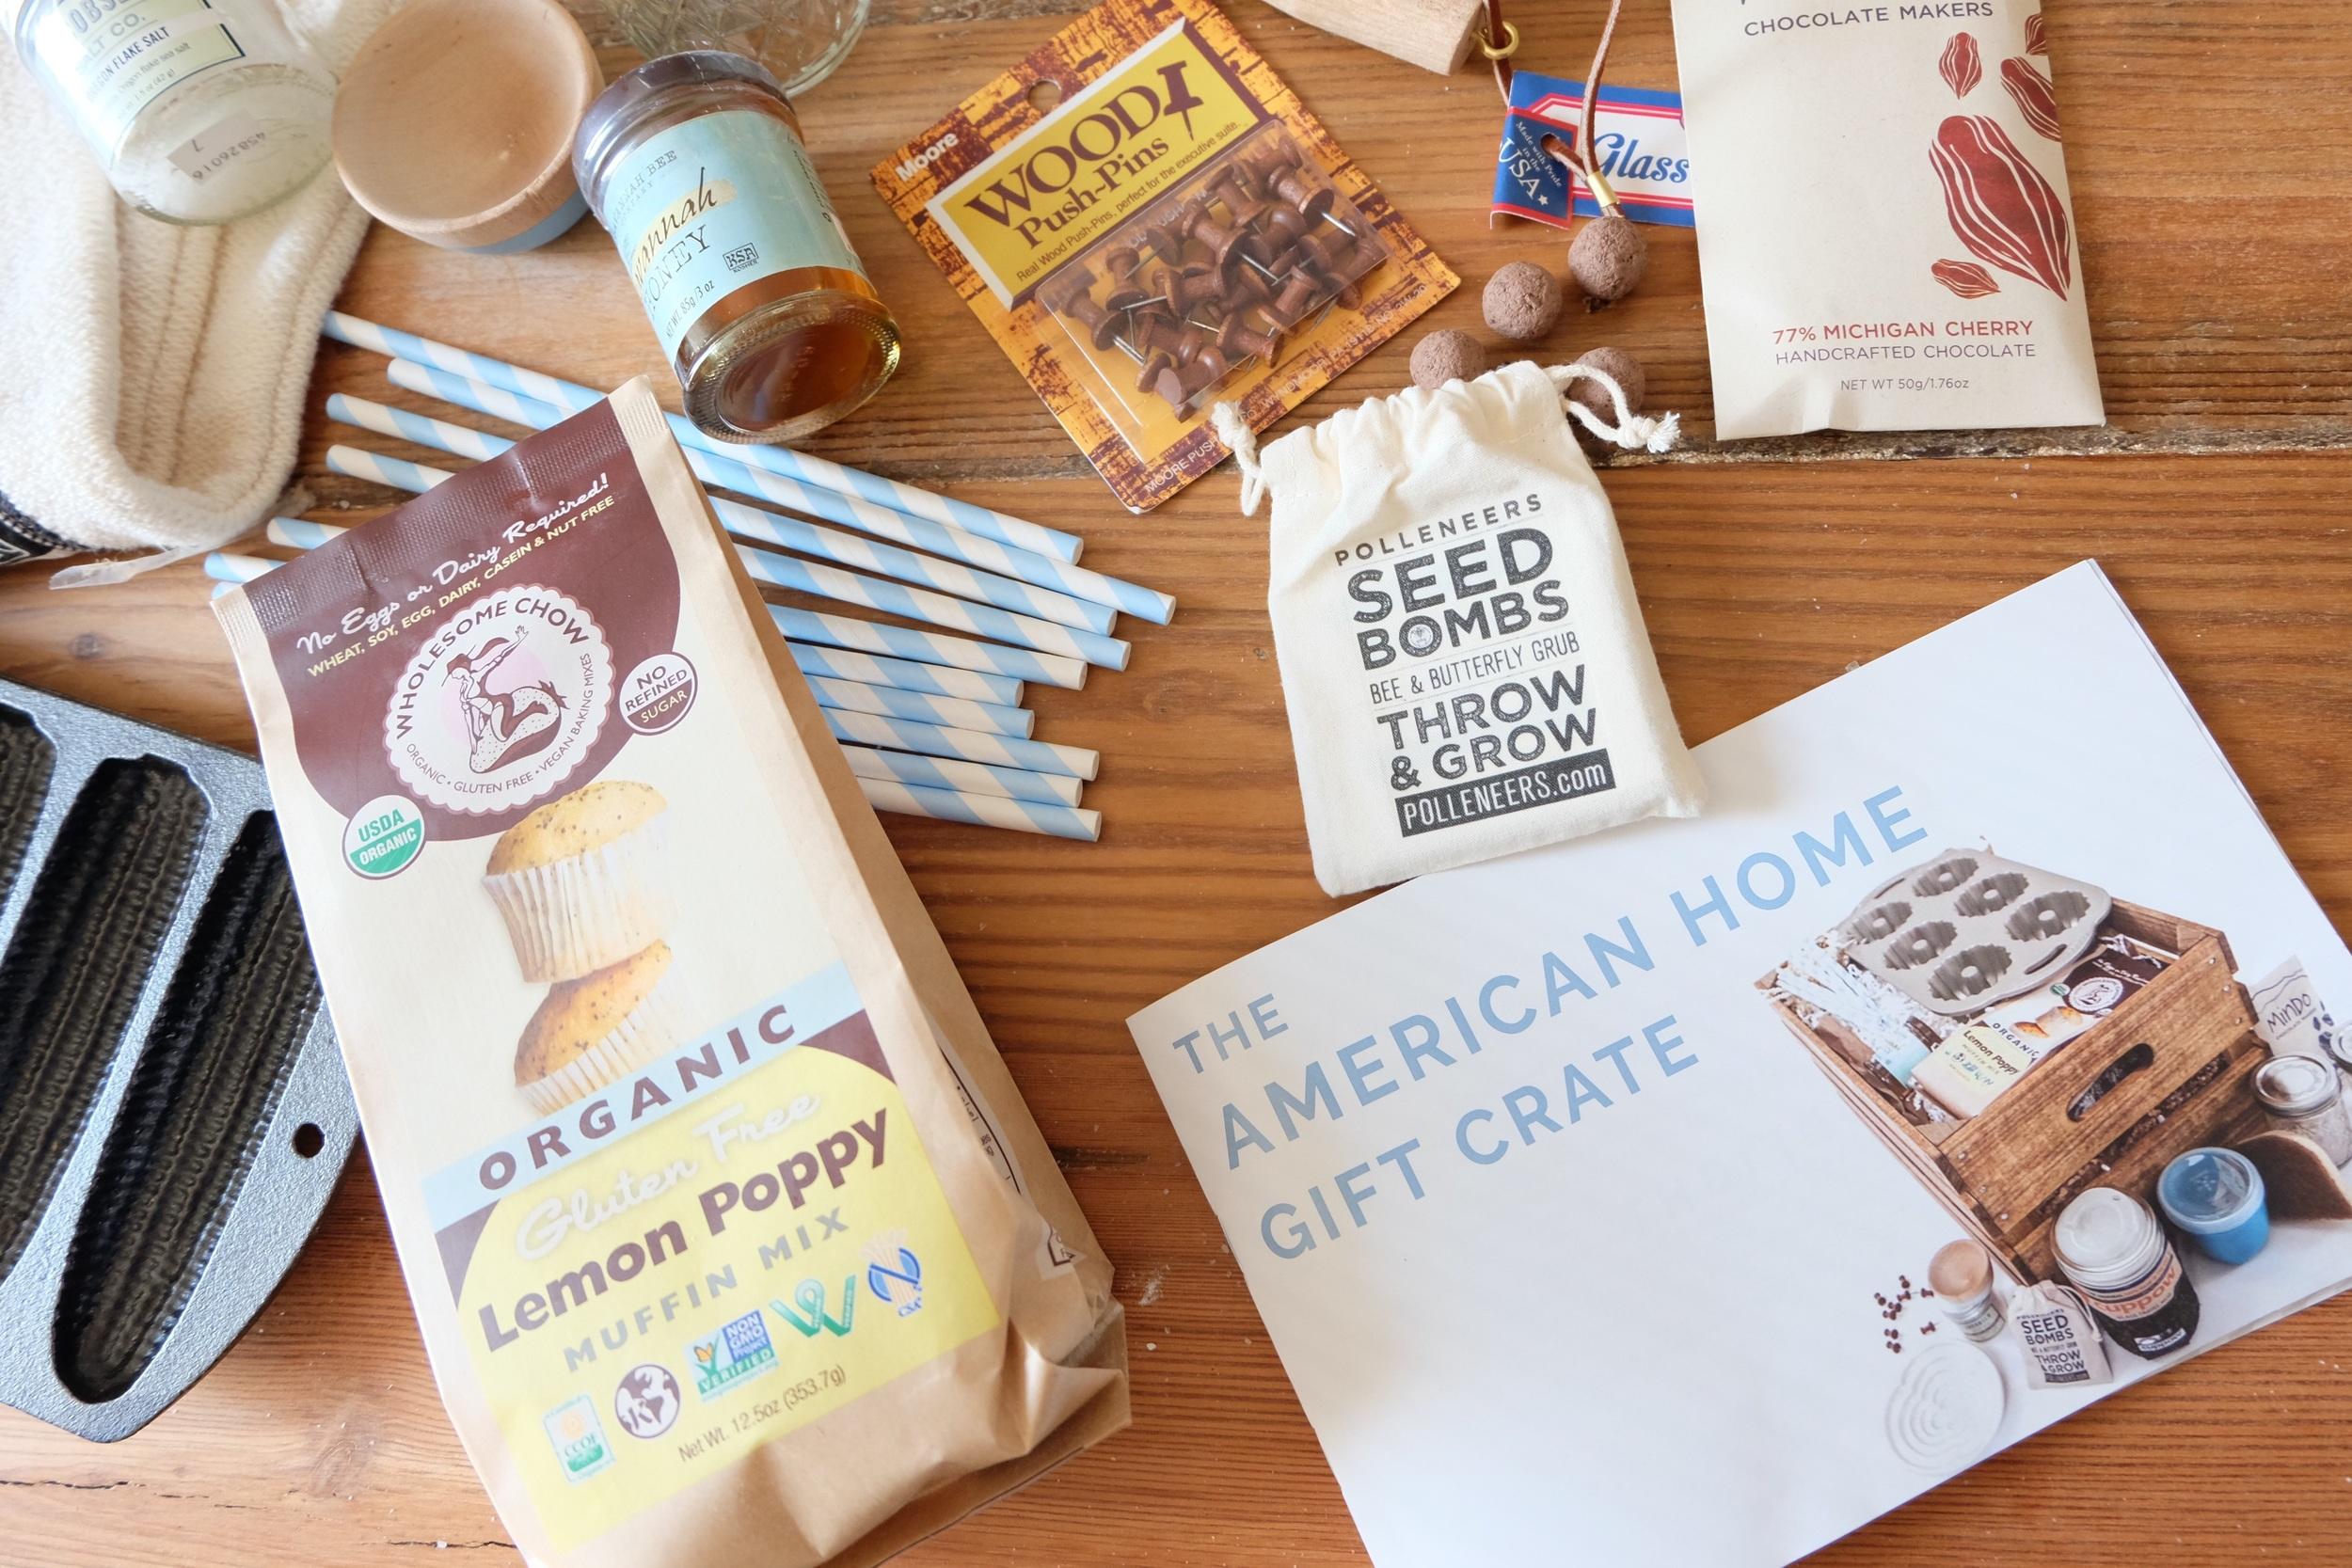 Seed bombs! Chocolate!!